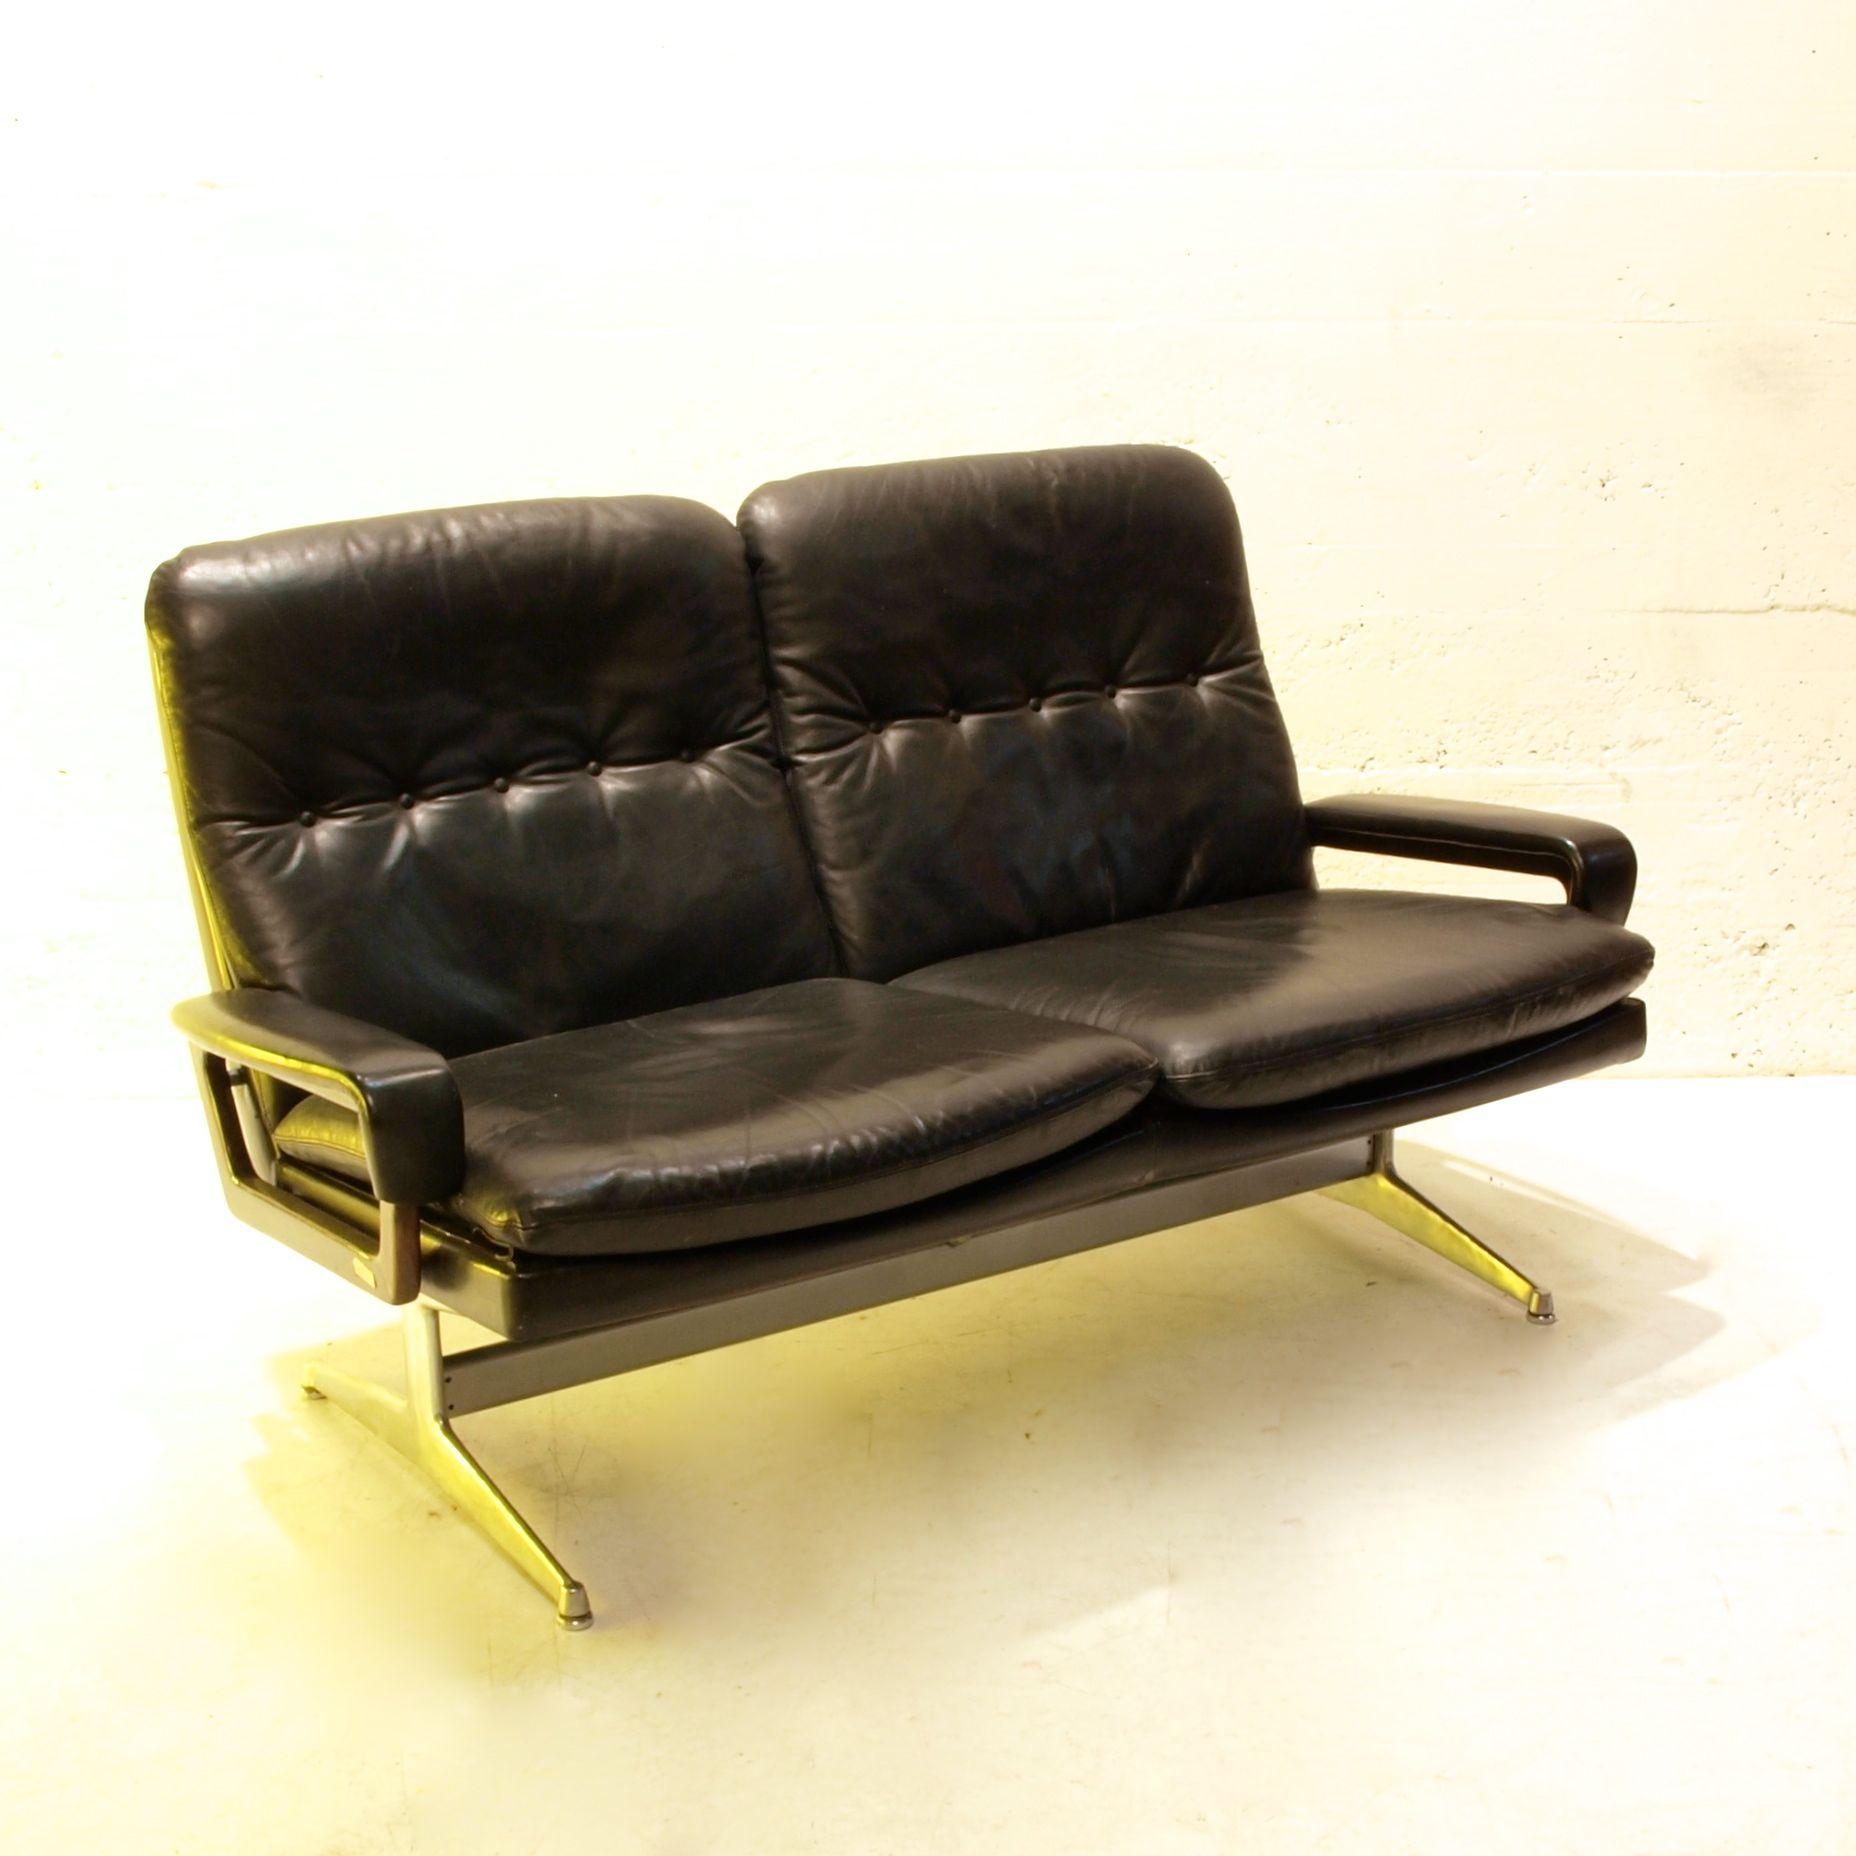 2er ledersofa king von str ssle m bel z rich. Black Bedroom Furniture Sets. Home Design Ideas